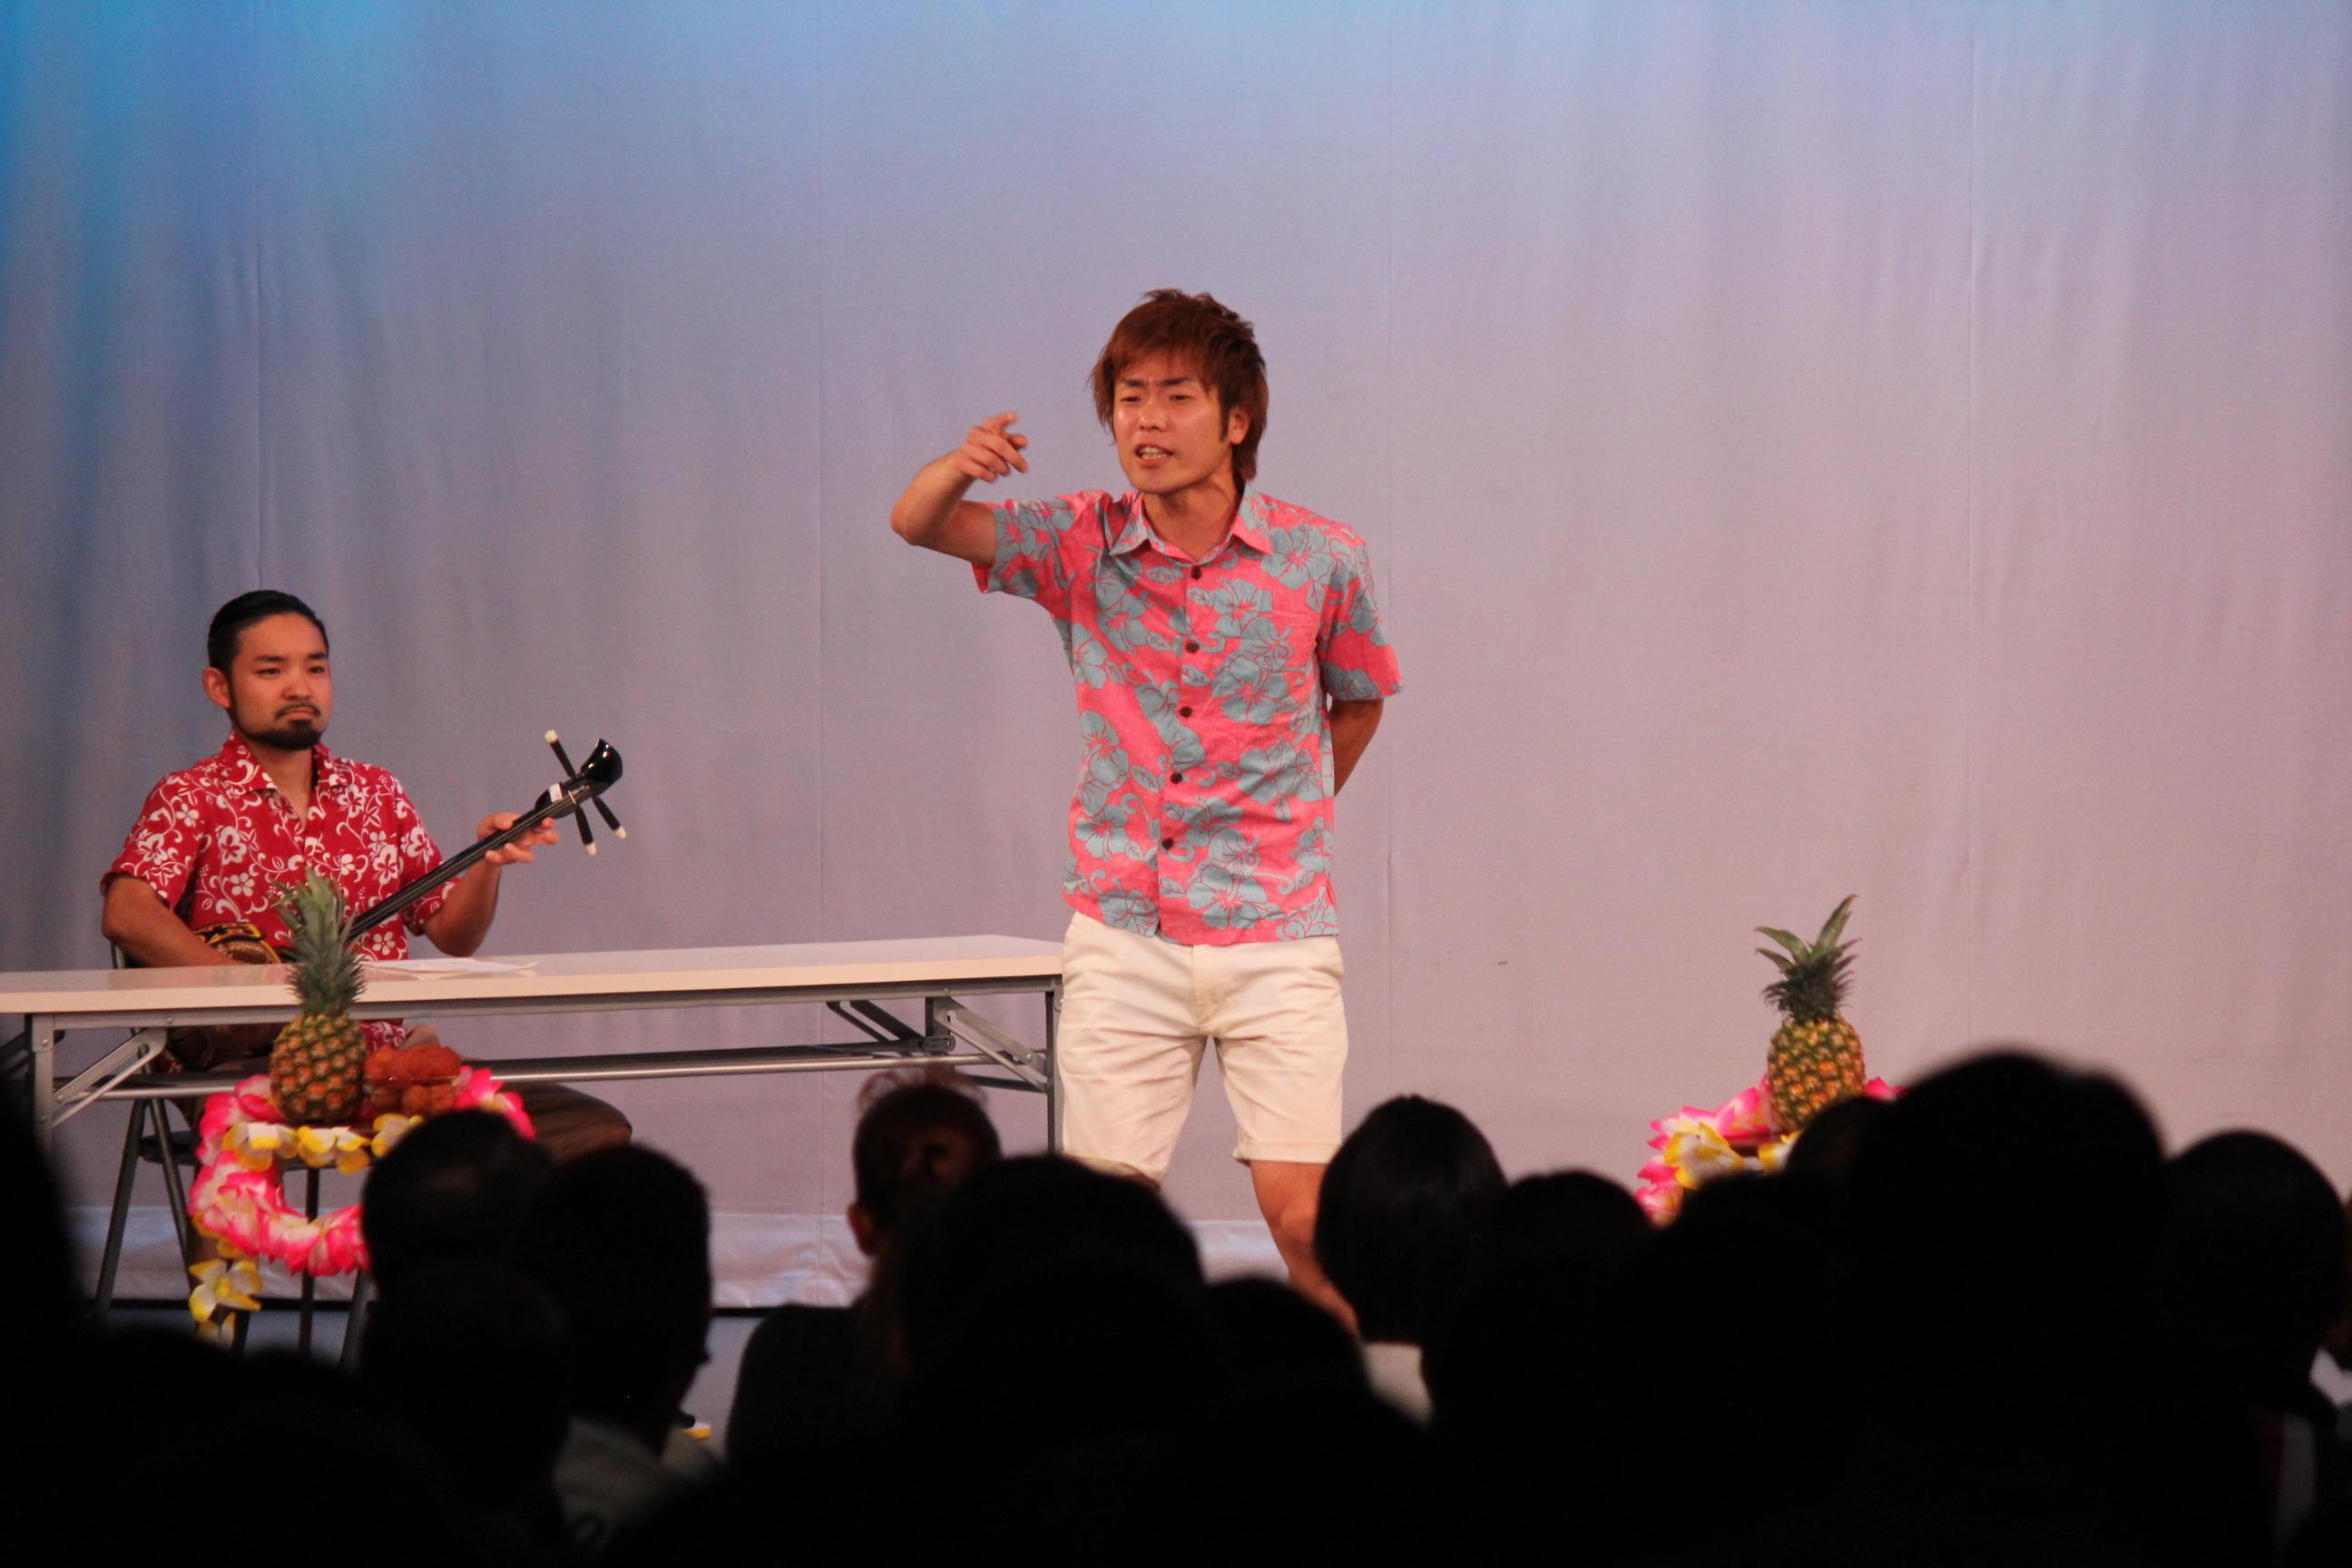 http://news.yoshimoto.co.jp/20161018172103-2b1fb878450b234af0023c58da4b77d18186b0f9.jpg